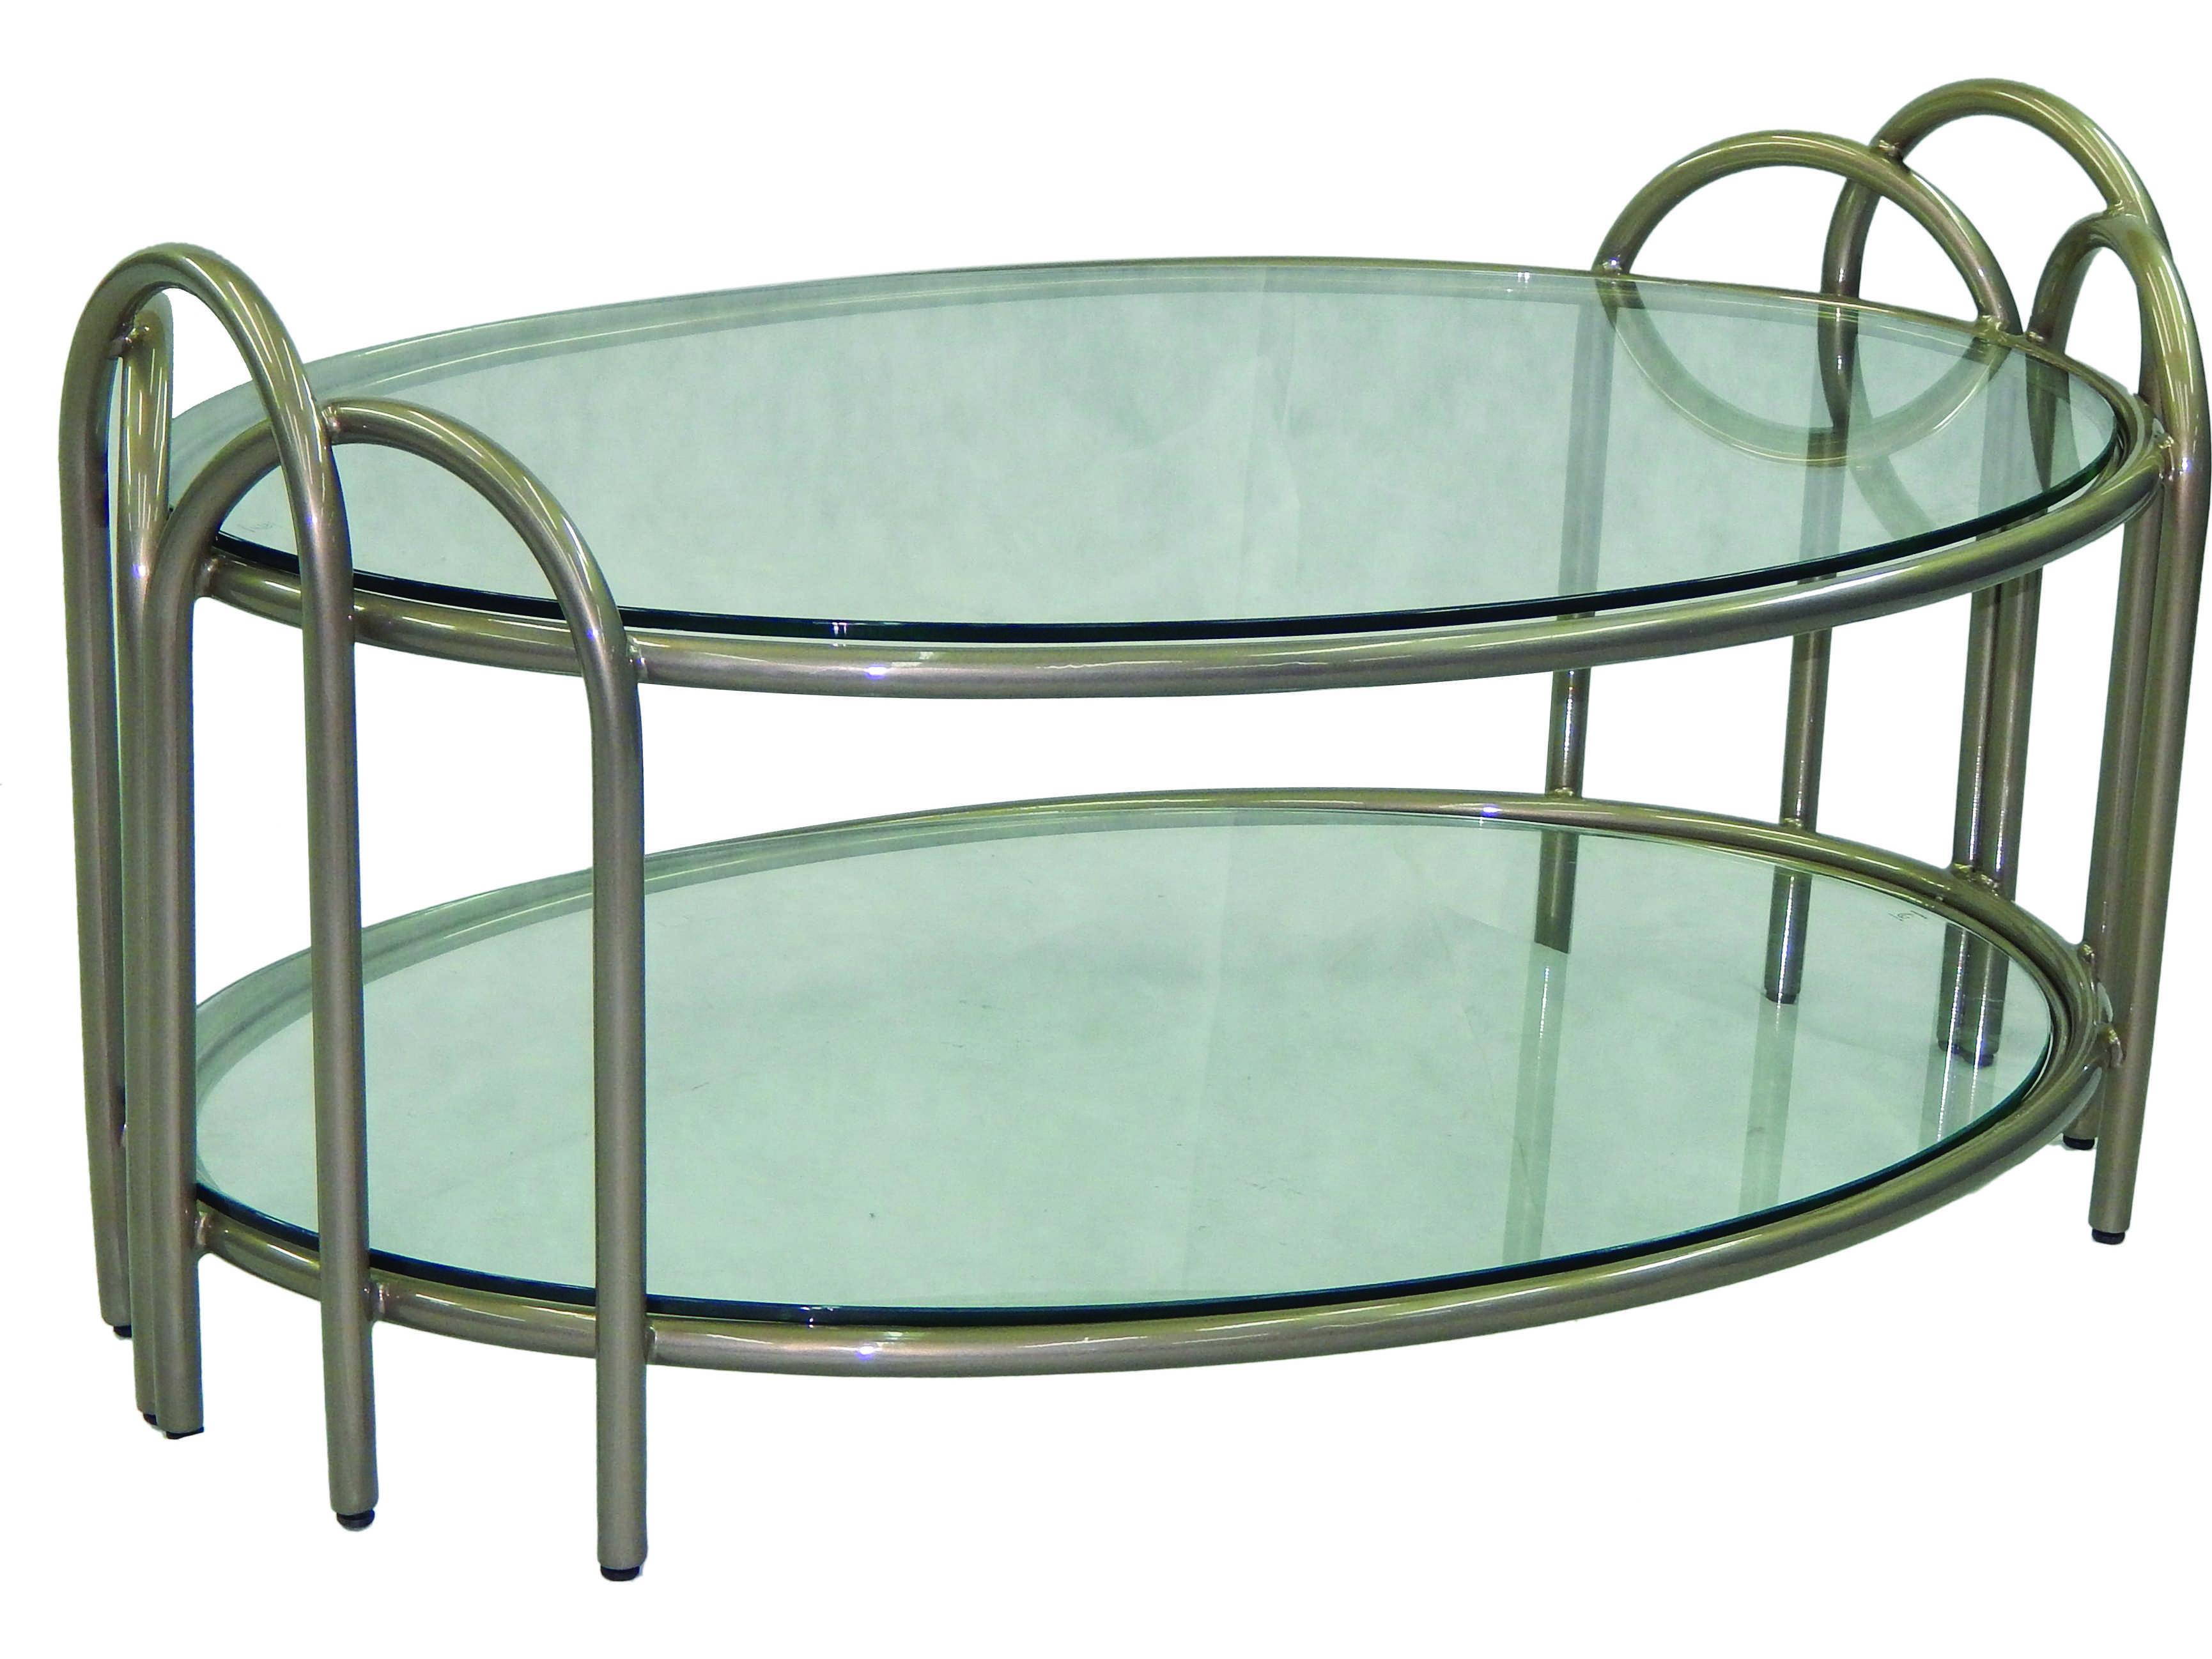 Castelle Argento Cast Aluminum 48 X 32 Elliptical Coffee Table Uec3248